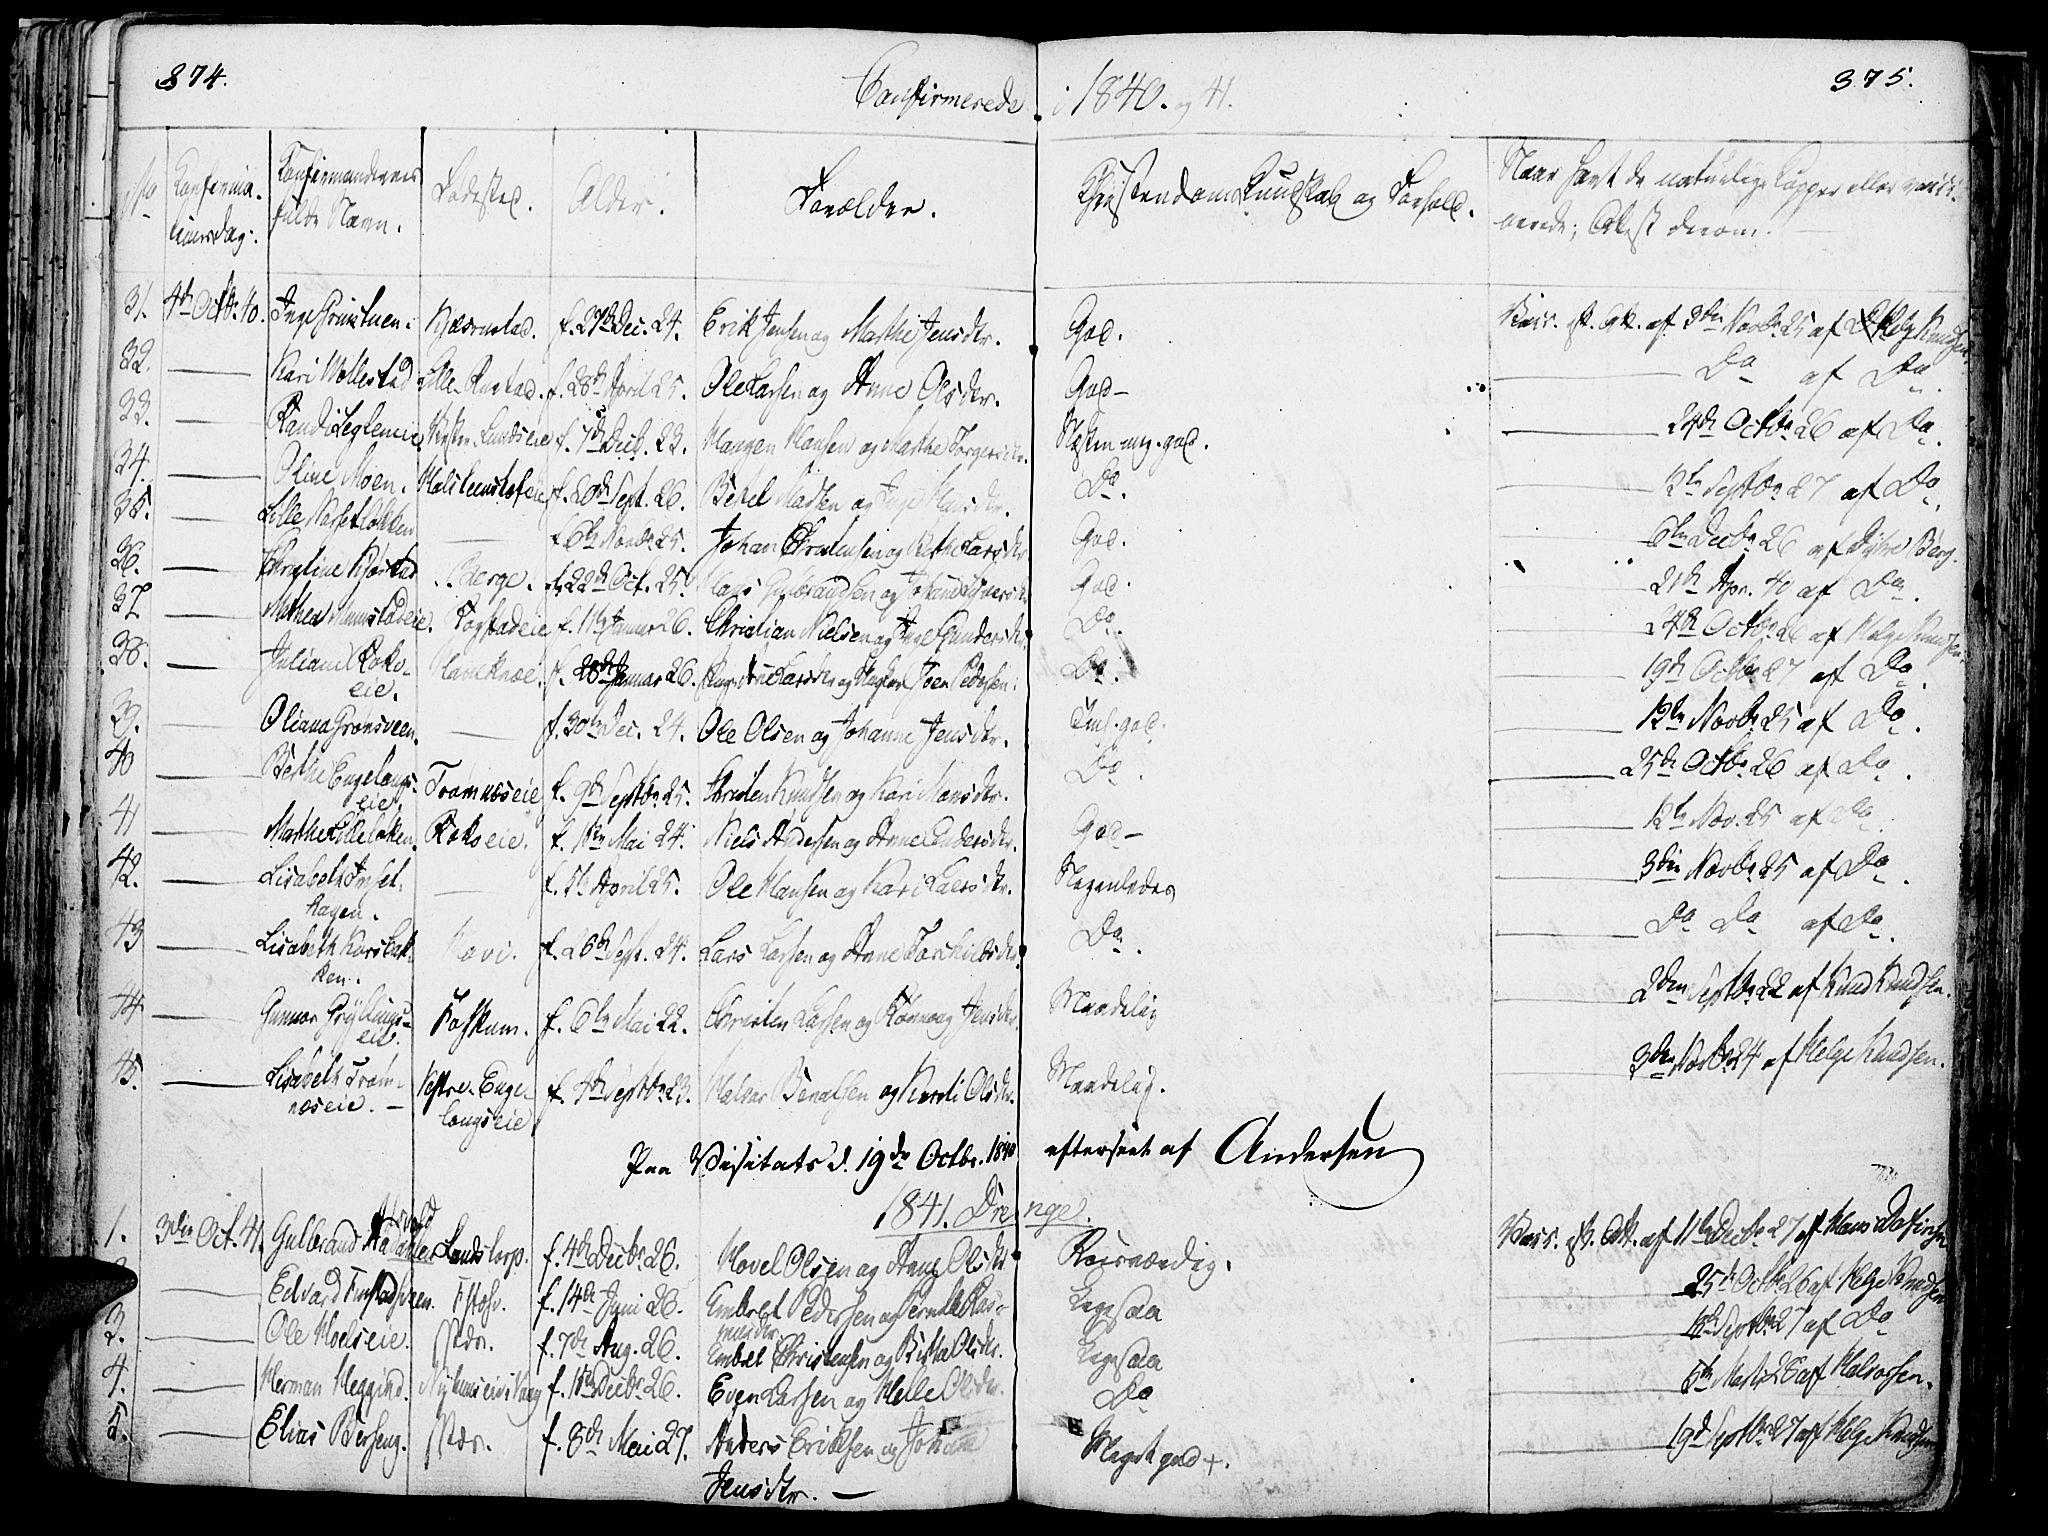 SAH, Løten prestekontor, K/Ka/L0006: Parish register (official) no. 6, 1832-1849, p. 374-375